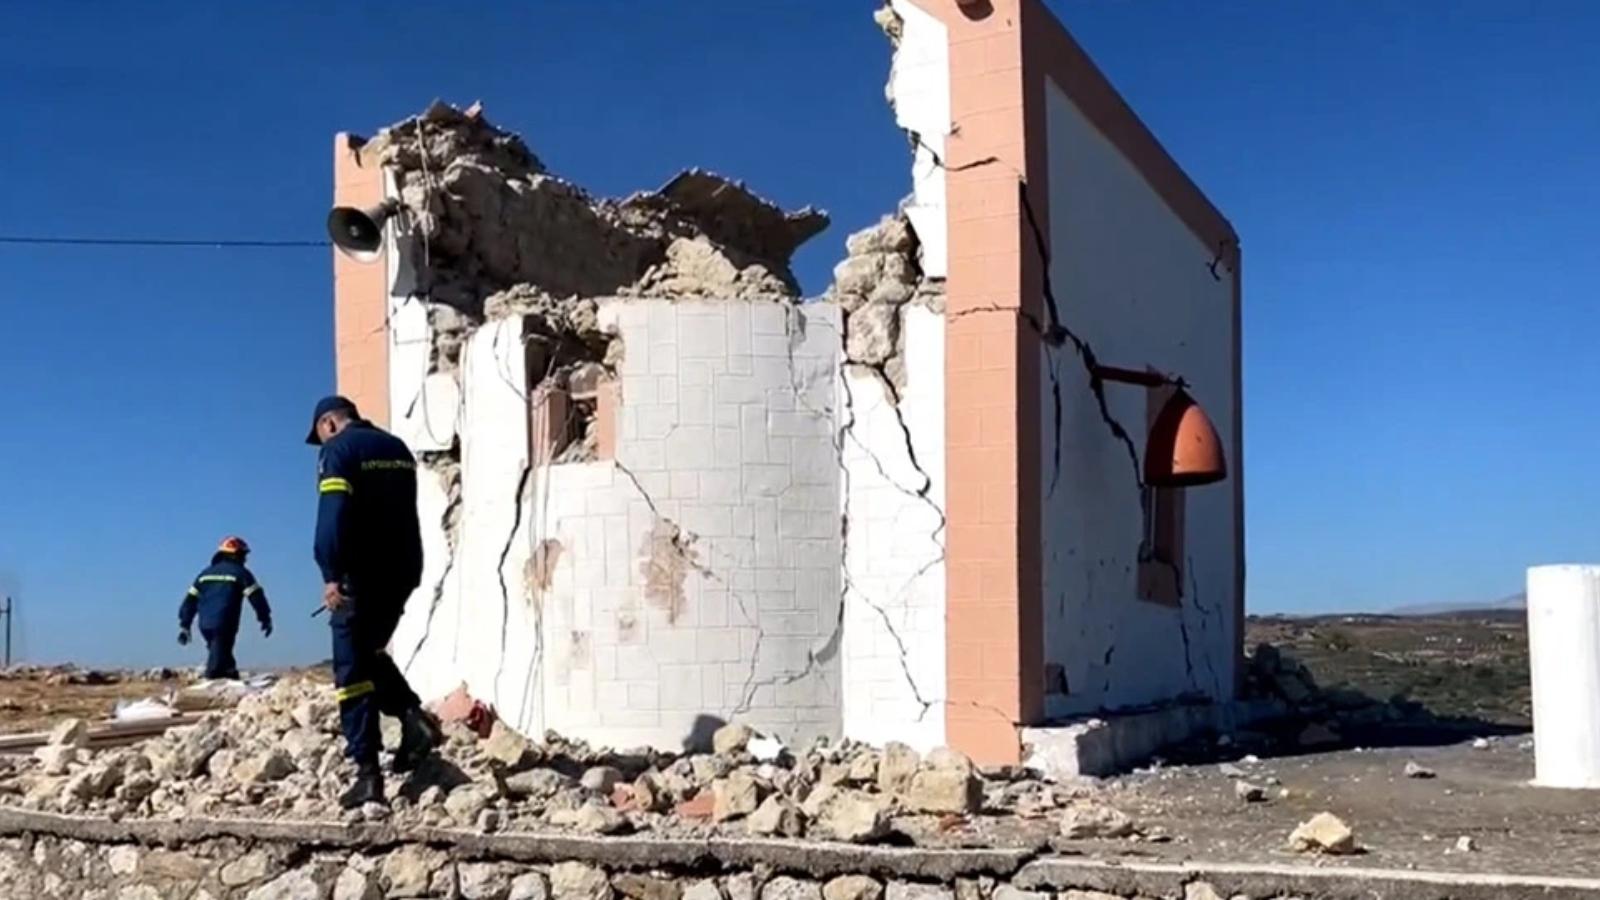 Σεισμός στην Κρήτη: Ένας νεκρός από τη δόνηση των 5,8 Ρίχτερ